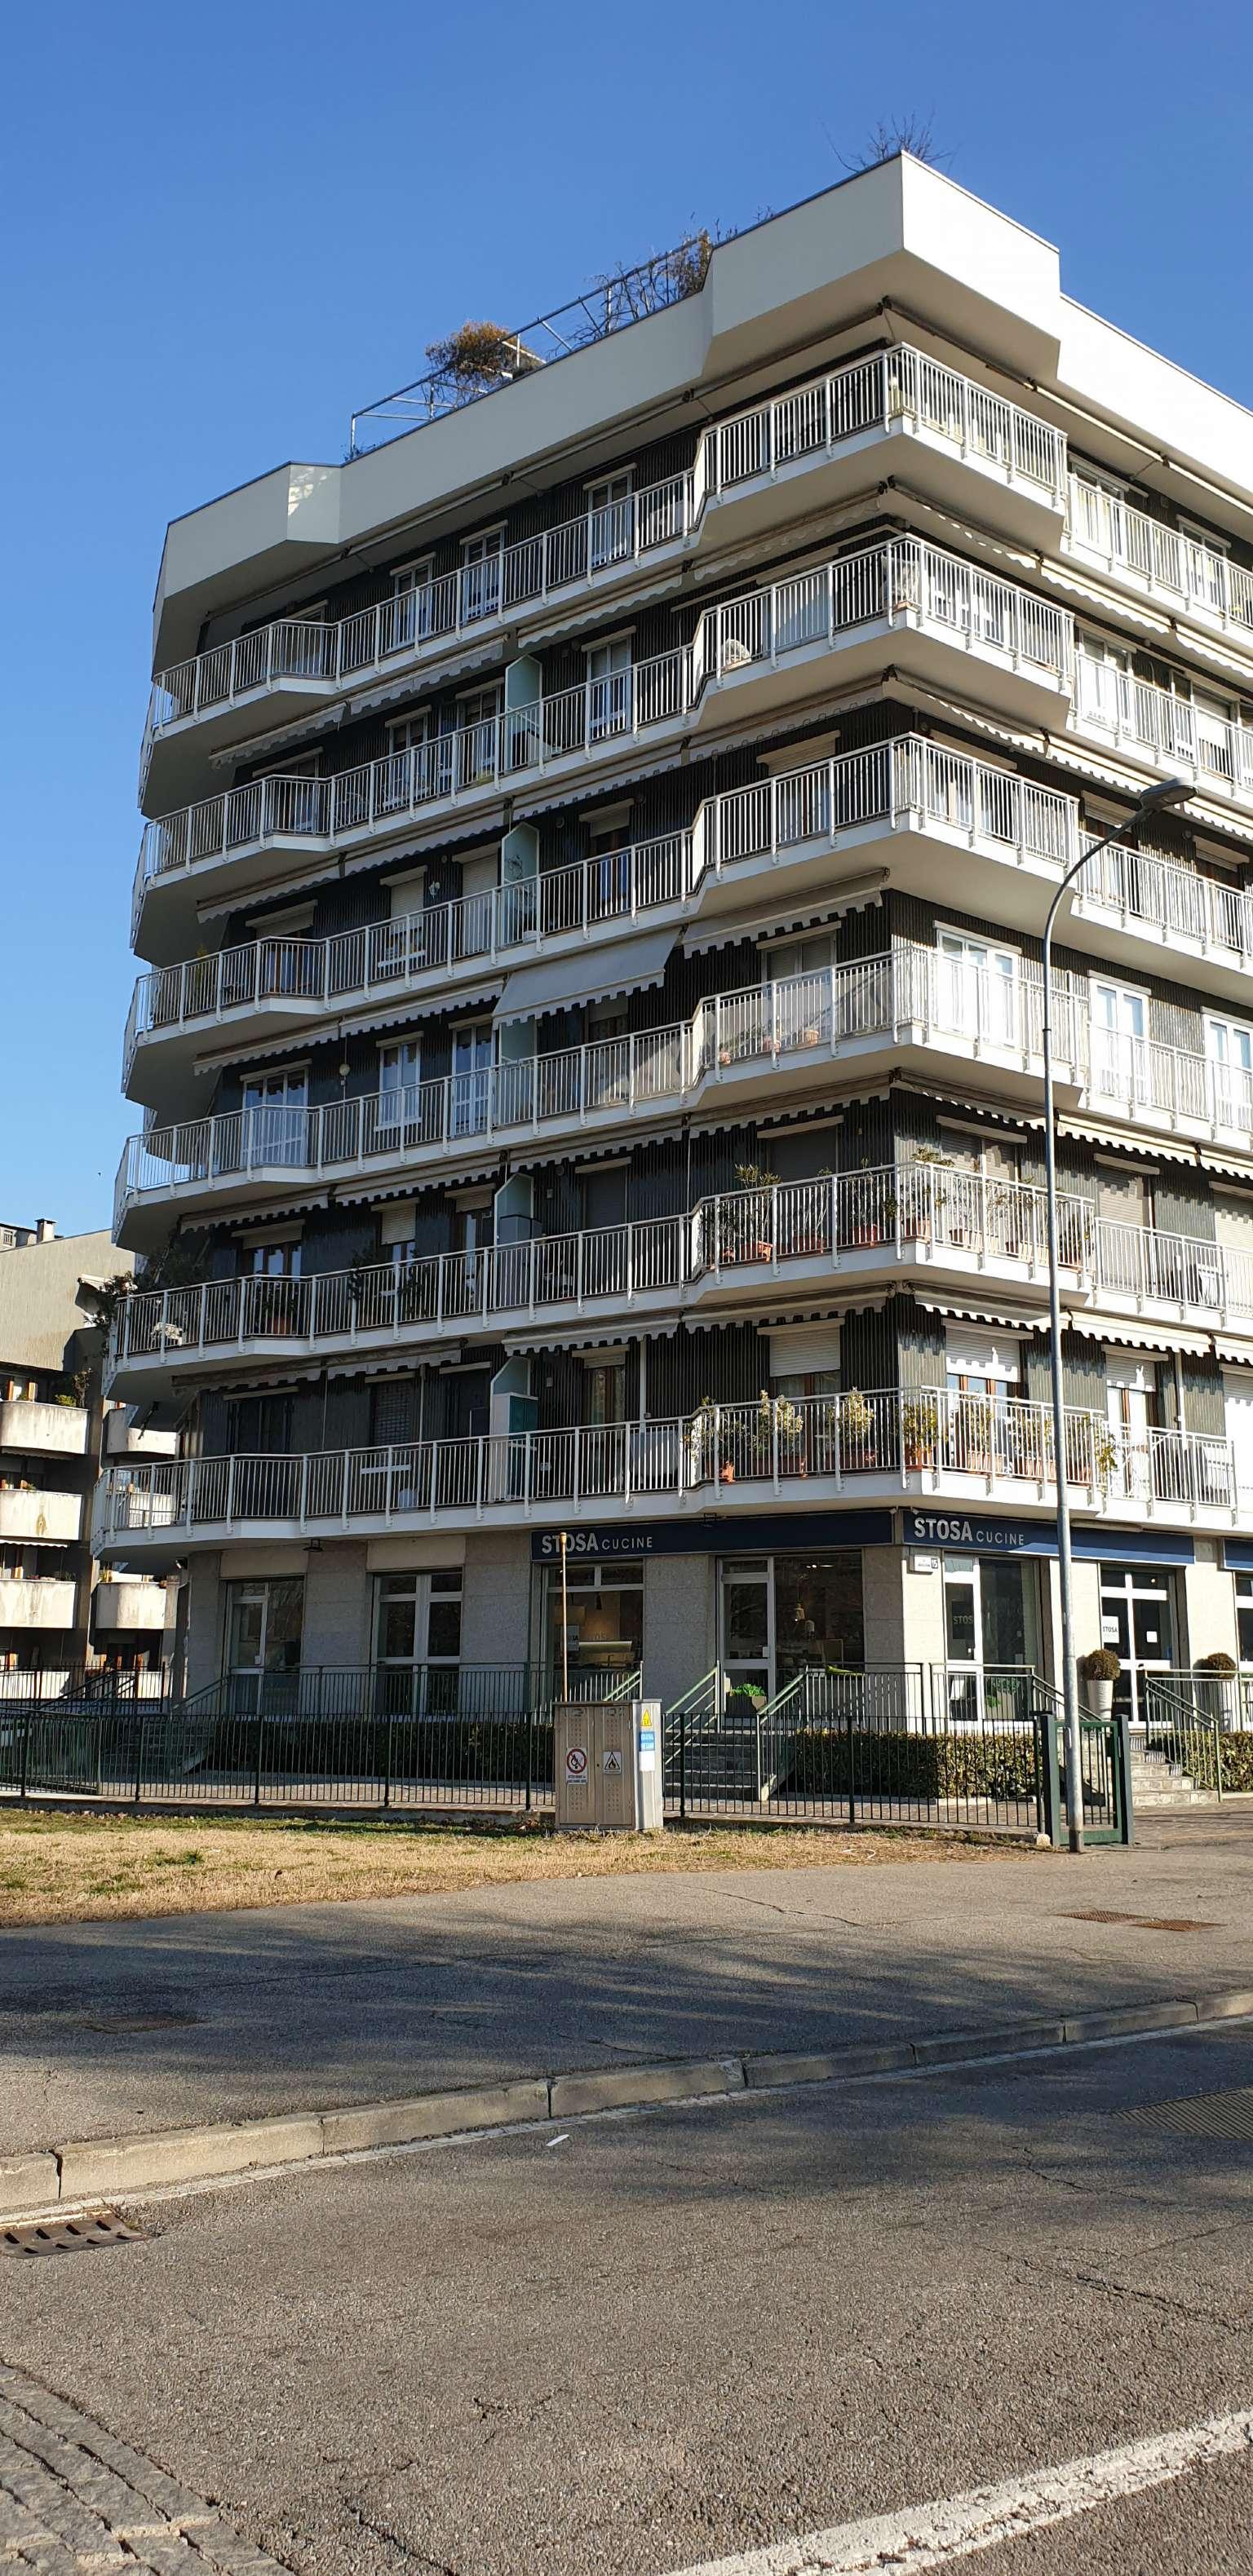 Appartamento in vendita a Peschiera Borromeo, 3 locali, prezzo € 185.000 | CambioCasa.it